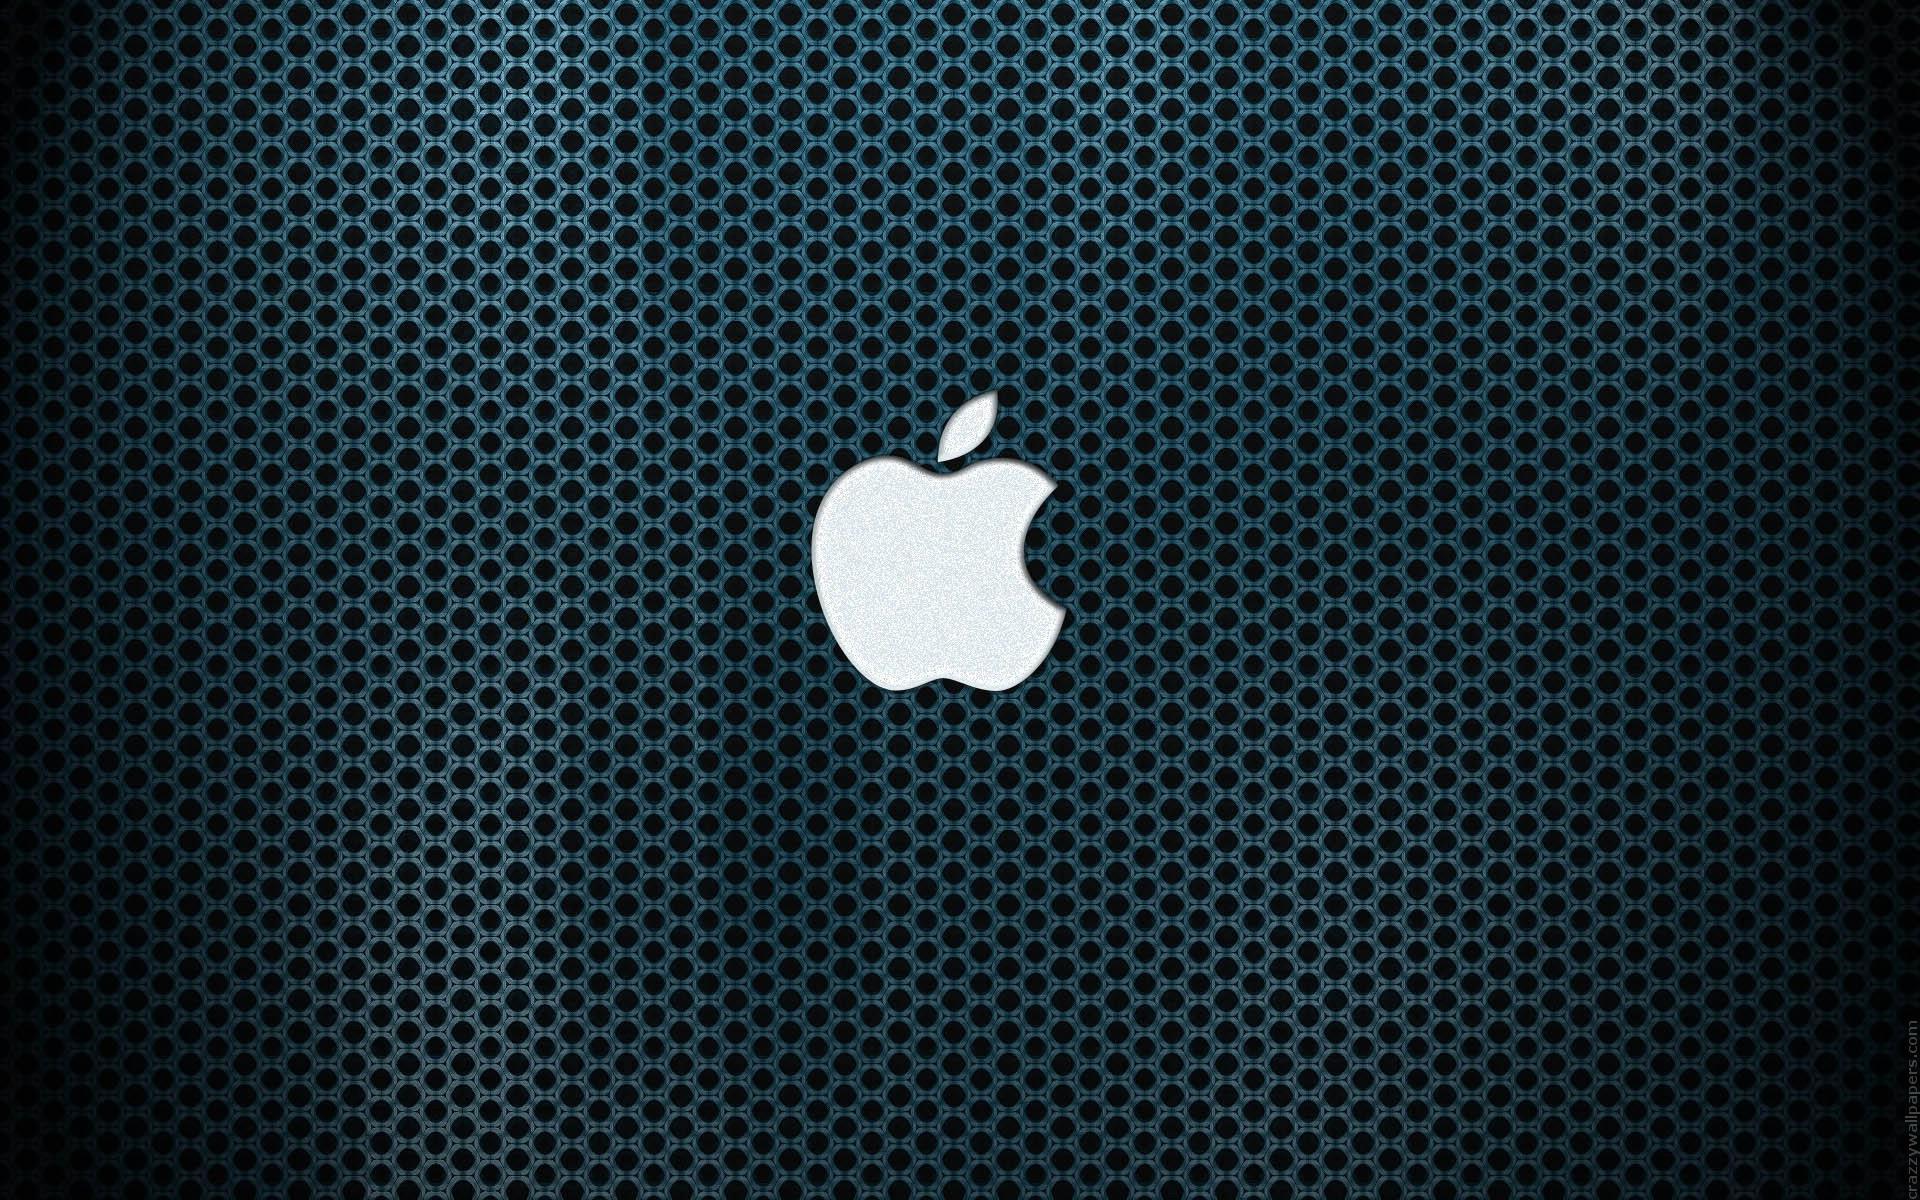 nouveautes_telechargement-gratuit-de-fond-ecran-apple_03